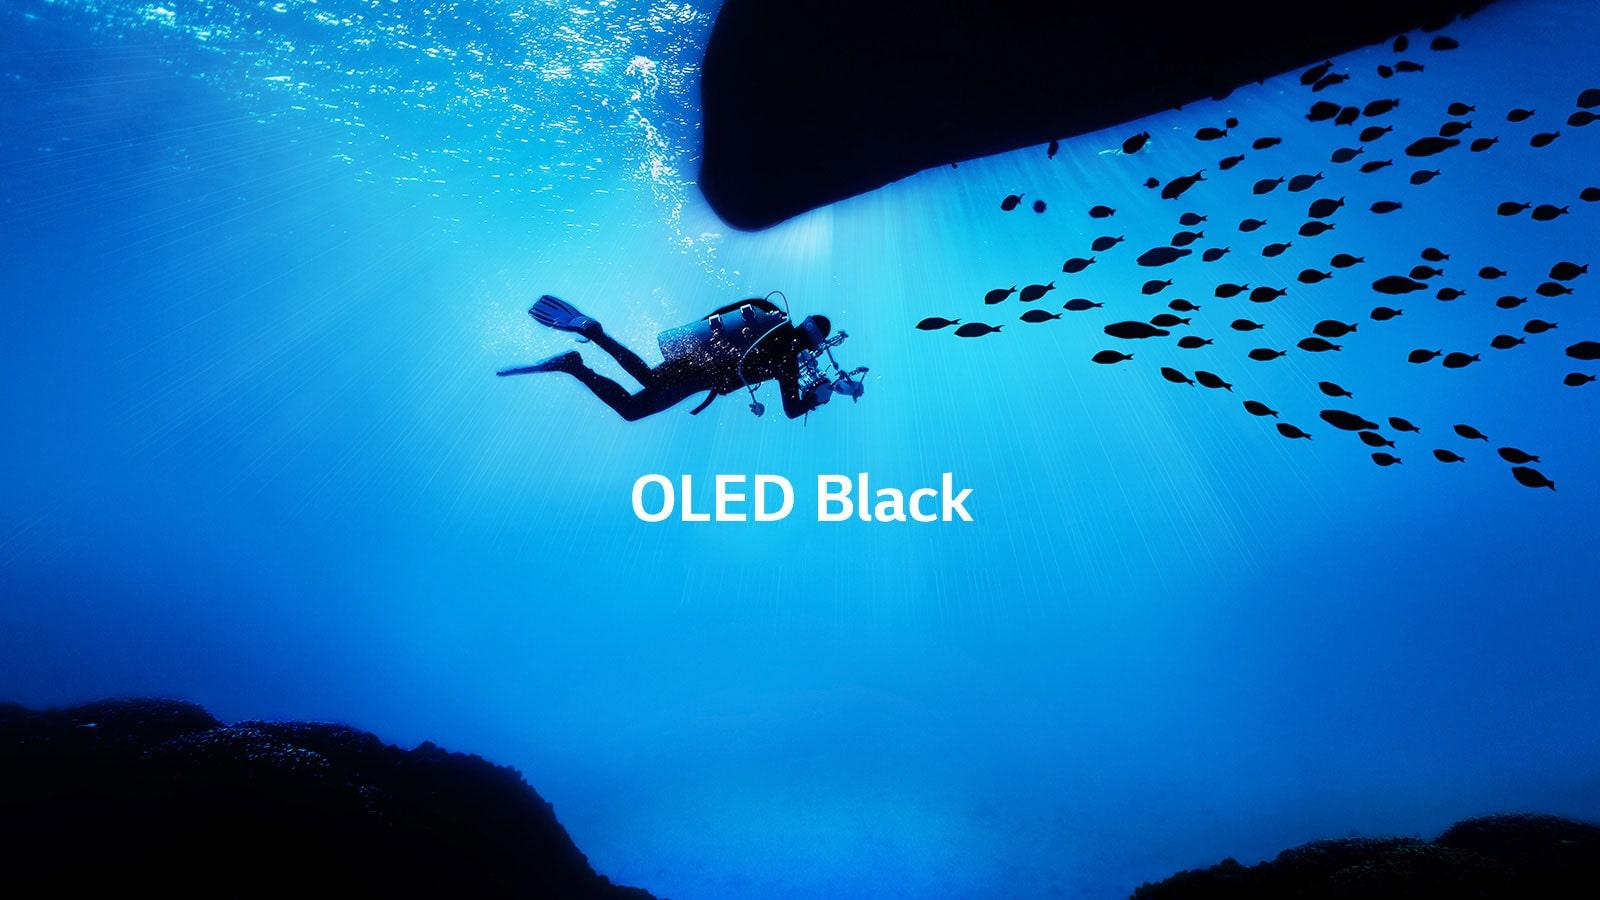 TV-OLED-E9-04-OLED-Display-Desktop-V3